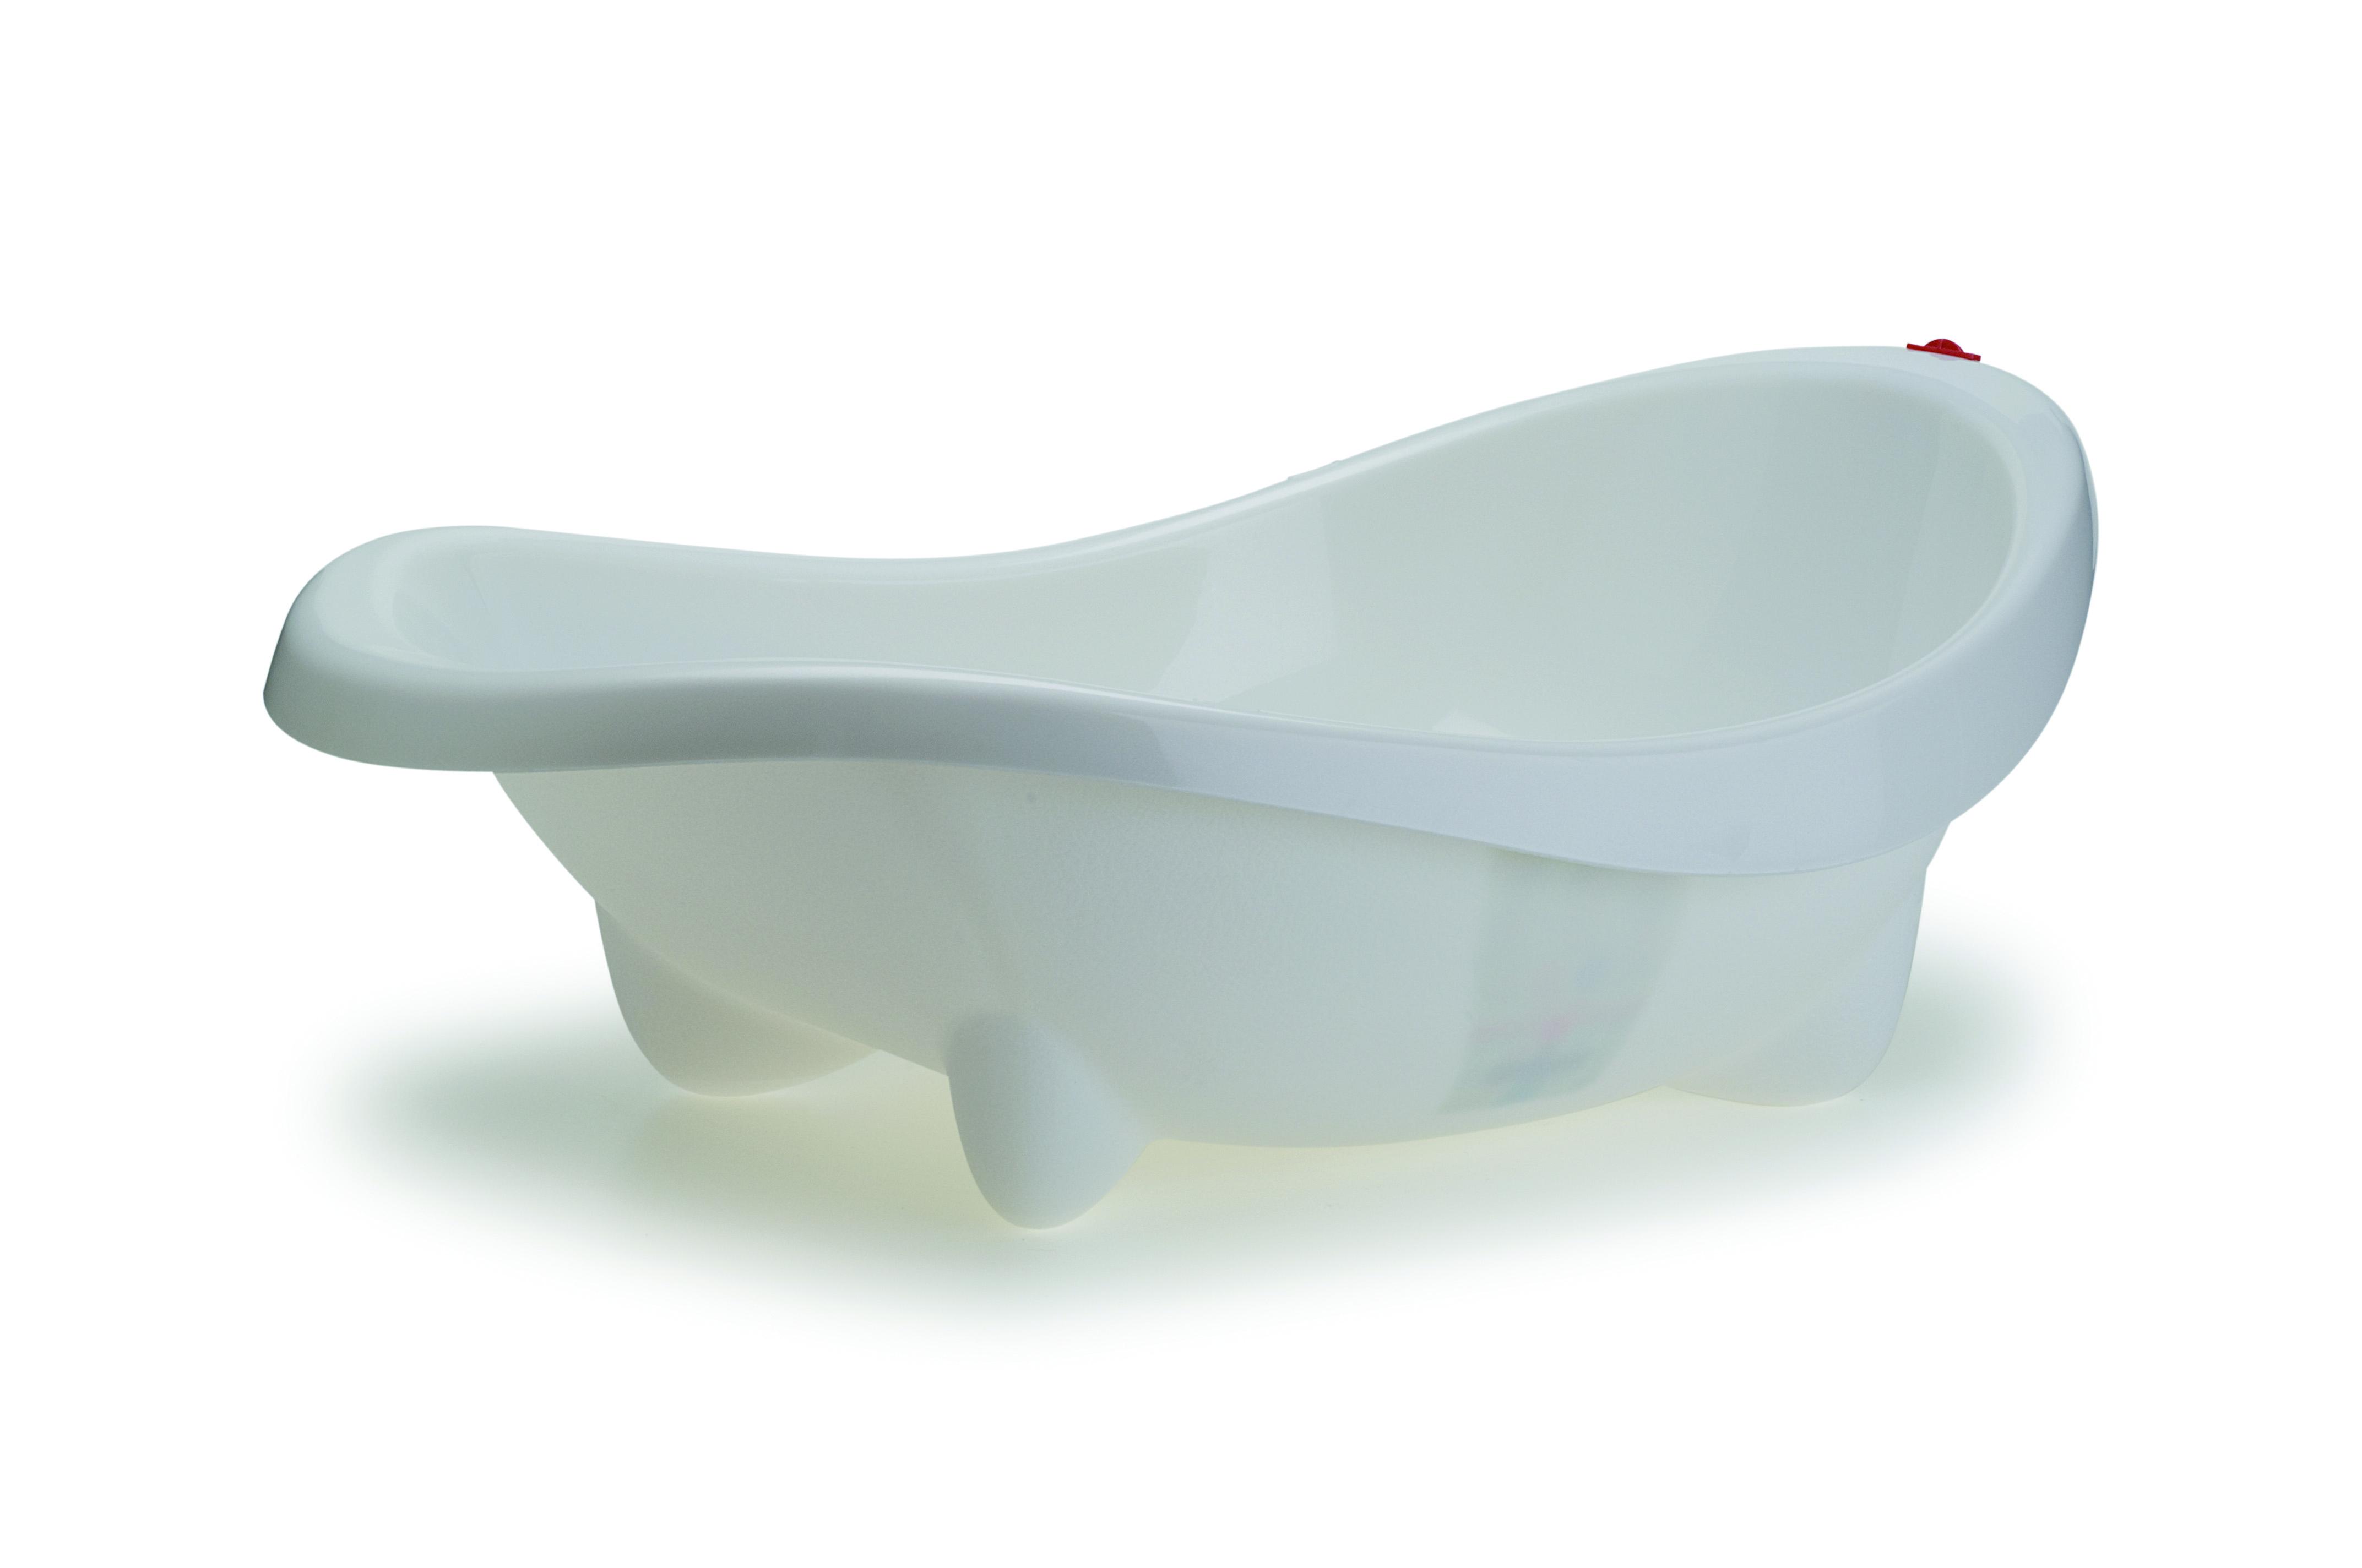 Vasca Da Bagno Per Neonati Prezzi : Vaschetta da bagno per neonati: vasca bagnetto neonato foto mamma